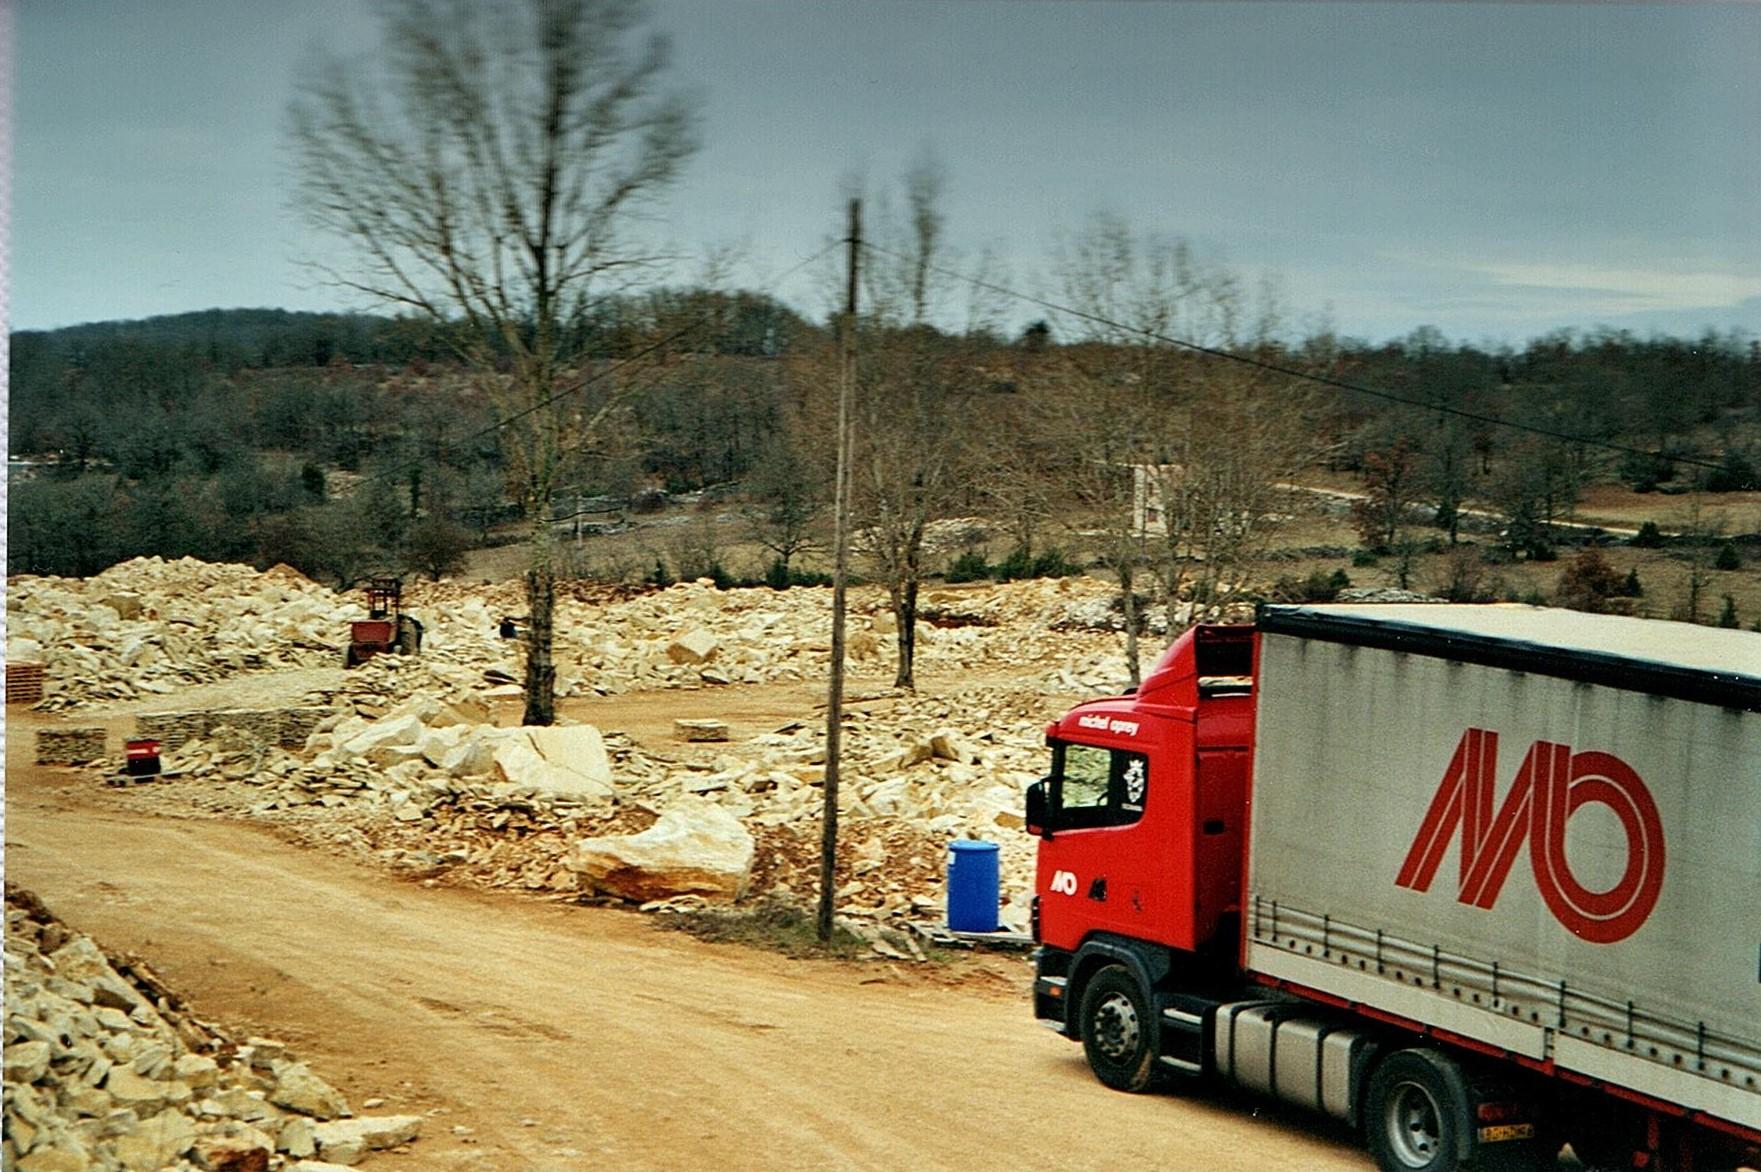 bert-kosemans-foto--de-groeve-net-achter-cahors-waar-portugesen-platen-maken